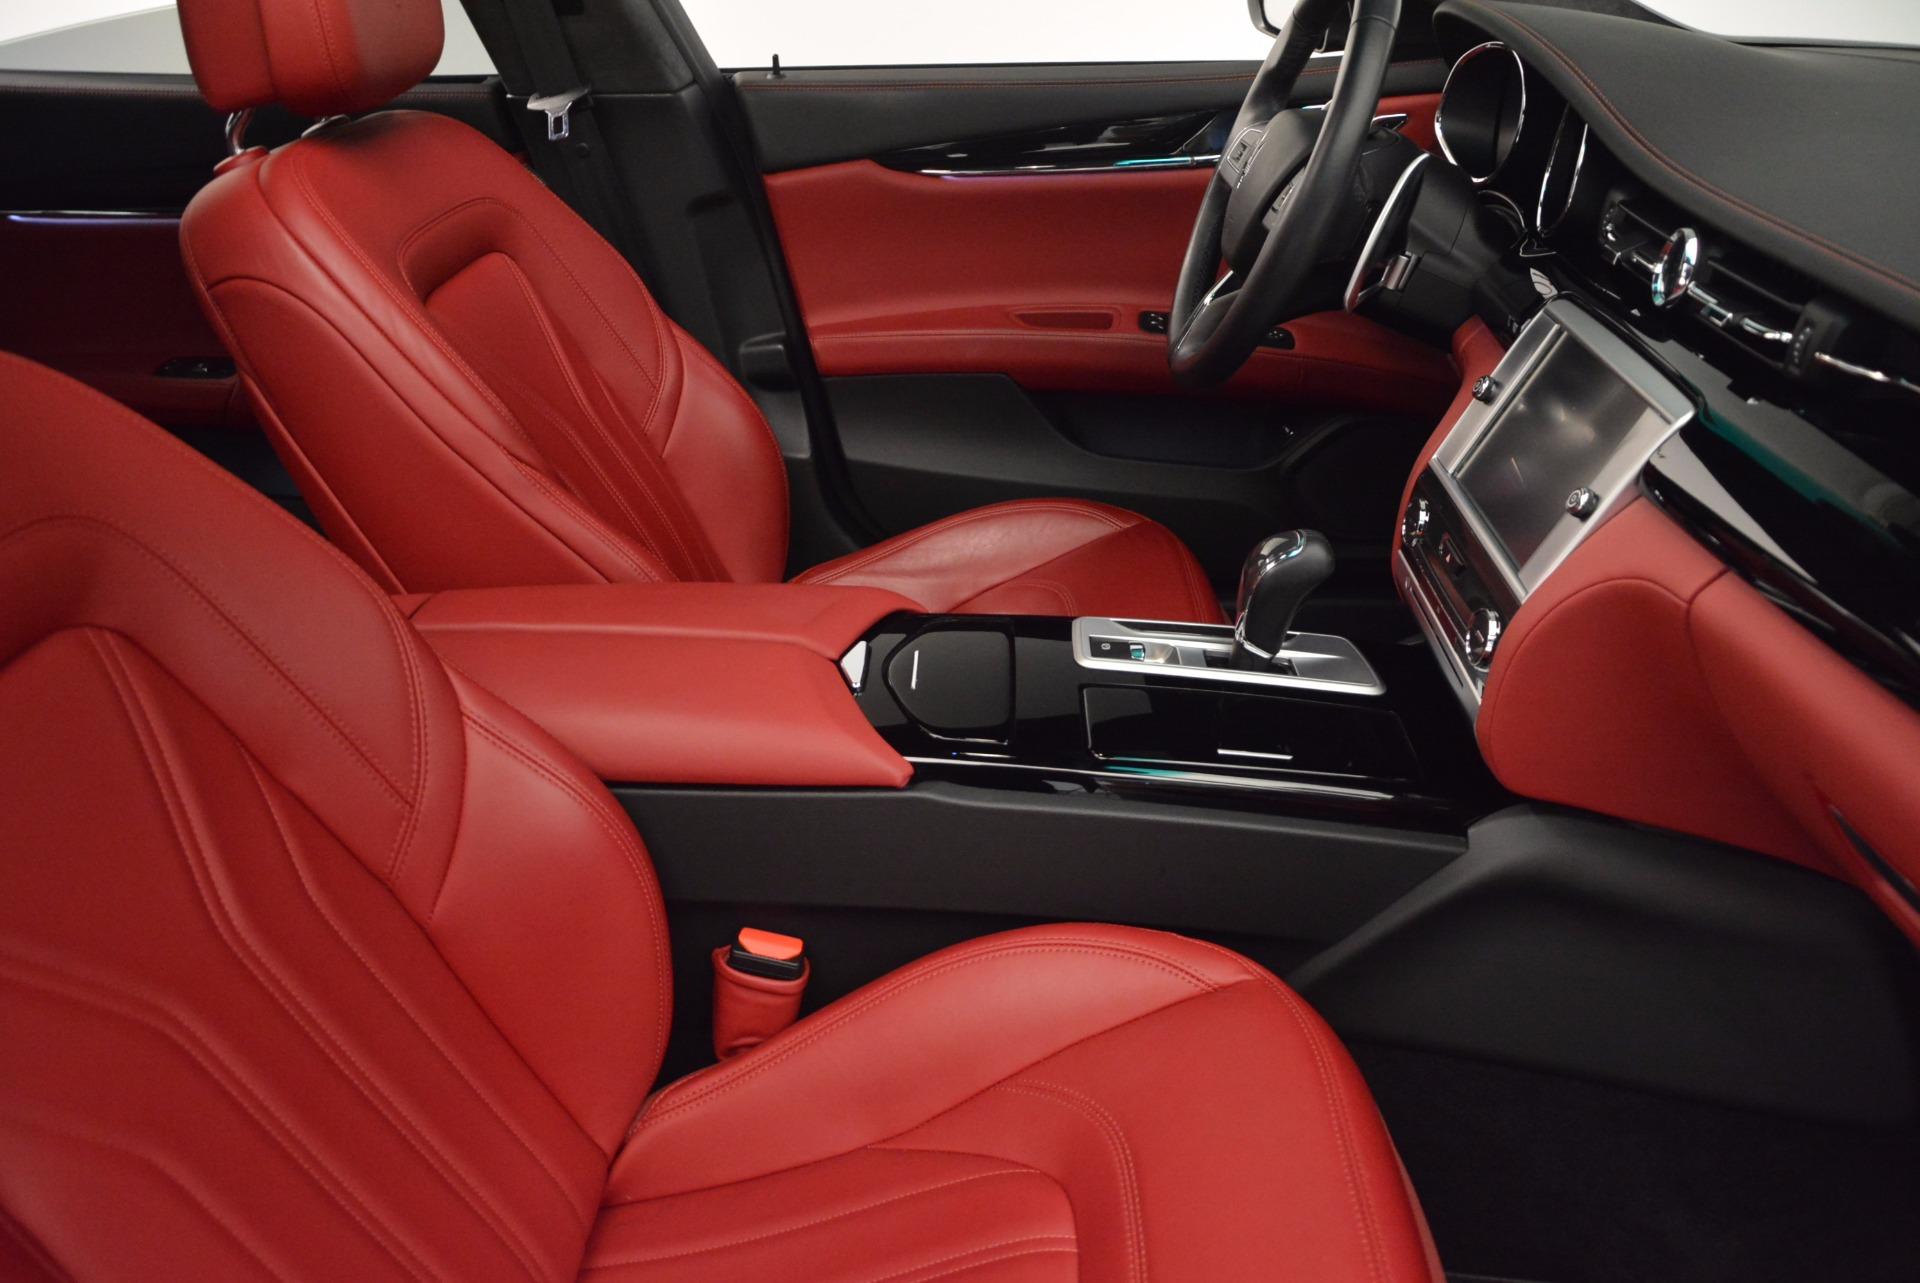 Used 2015 Maserati Quattroporte S Q4 For Sale In Greenwich, CT 809_p21